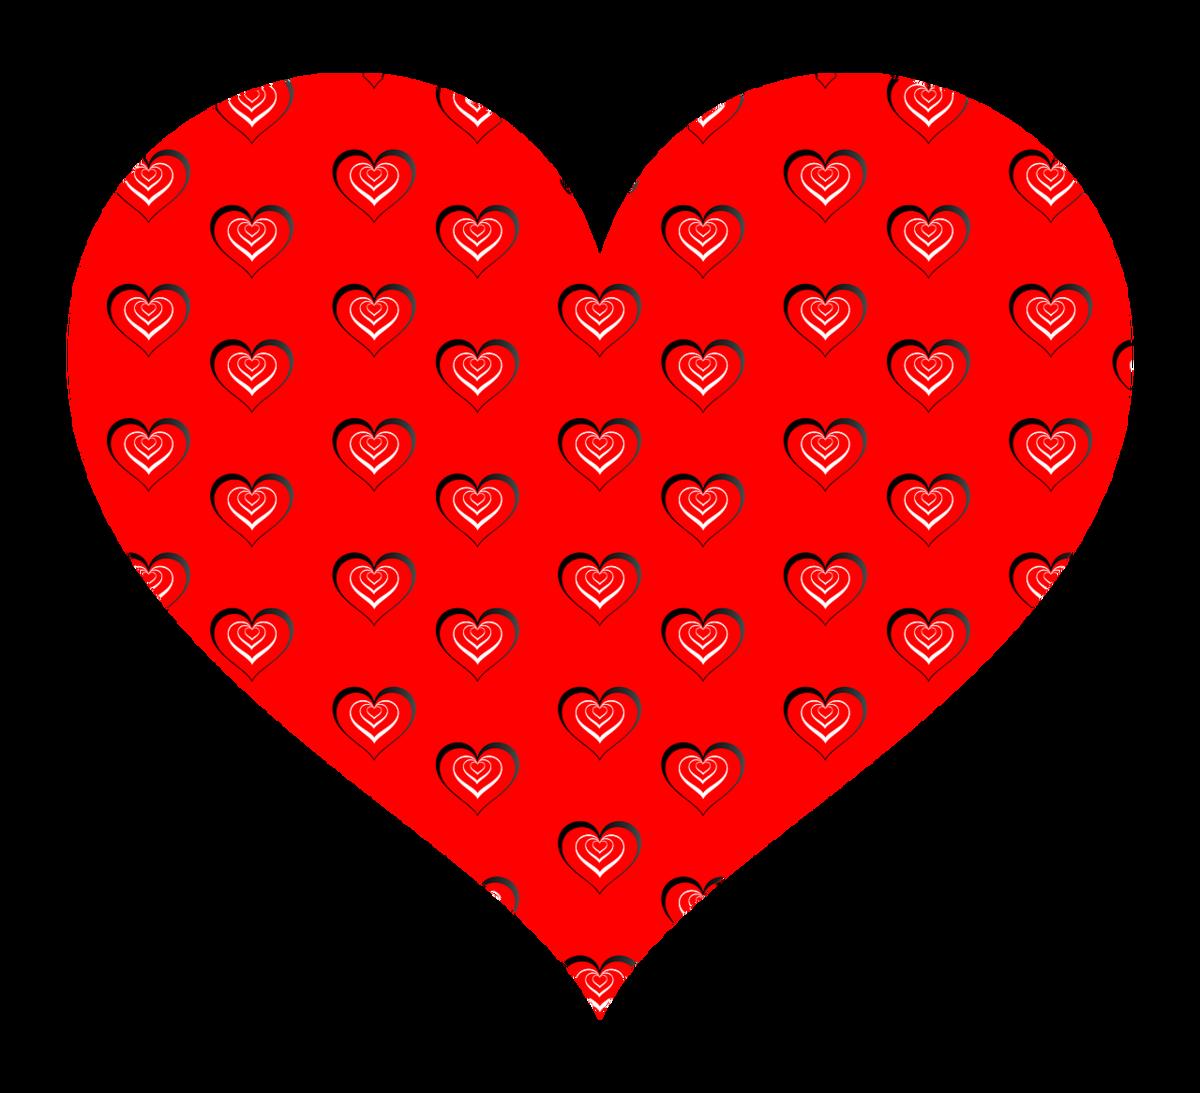 больше картинки сердечка на одном сайте что